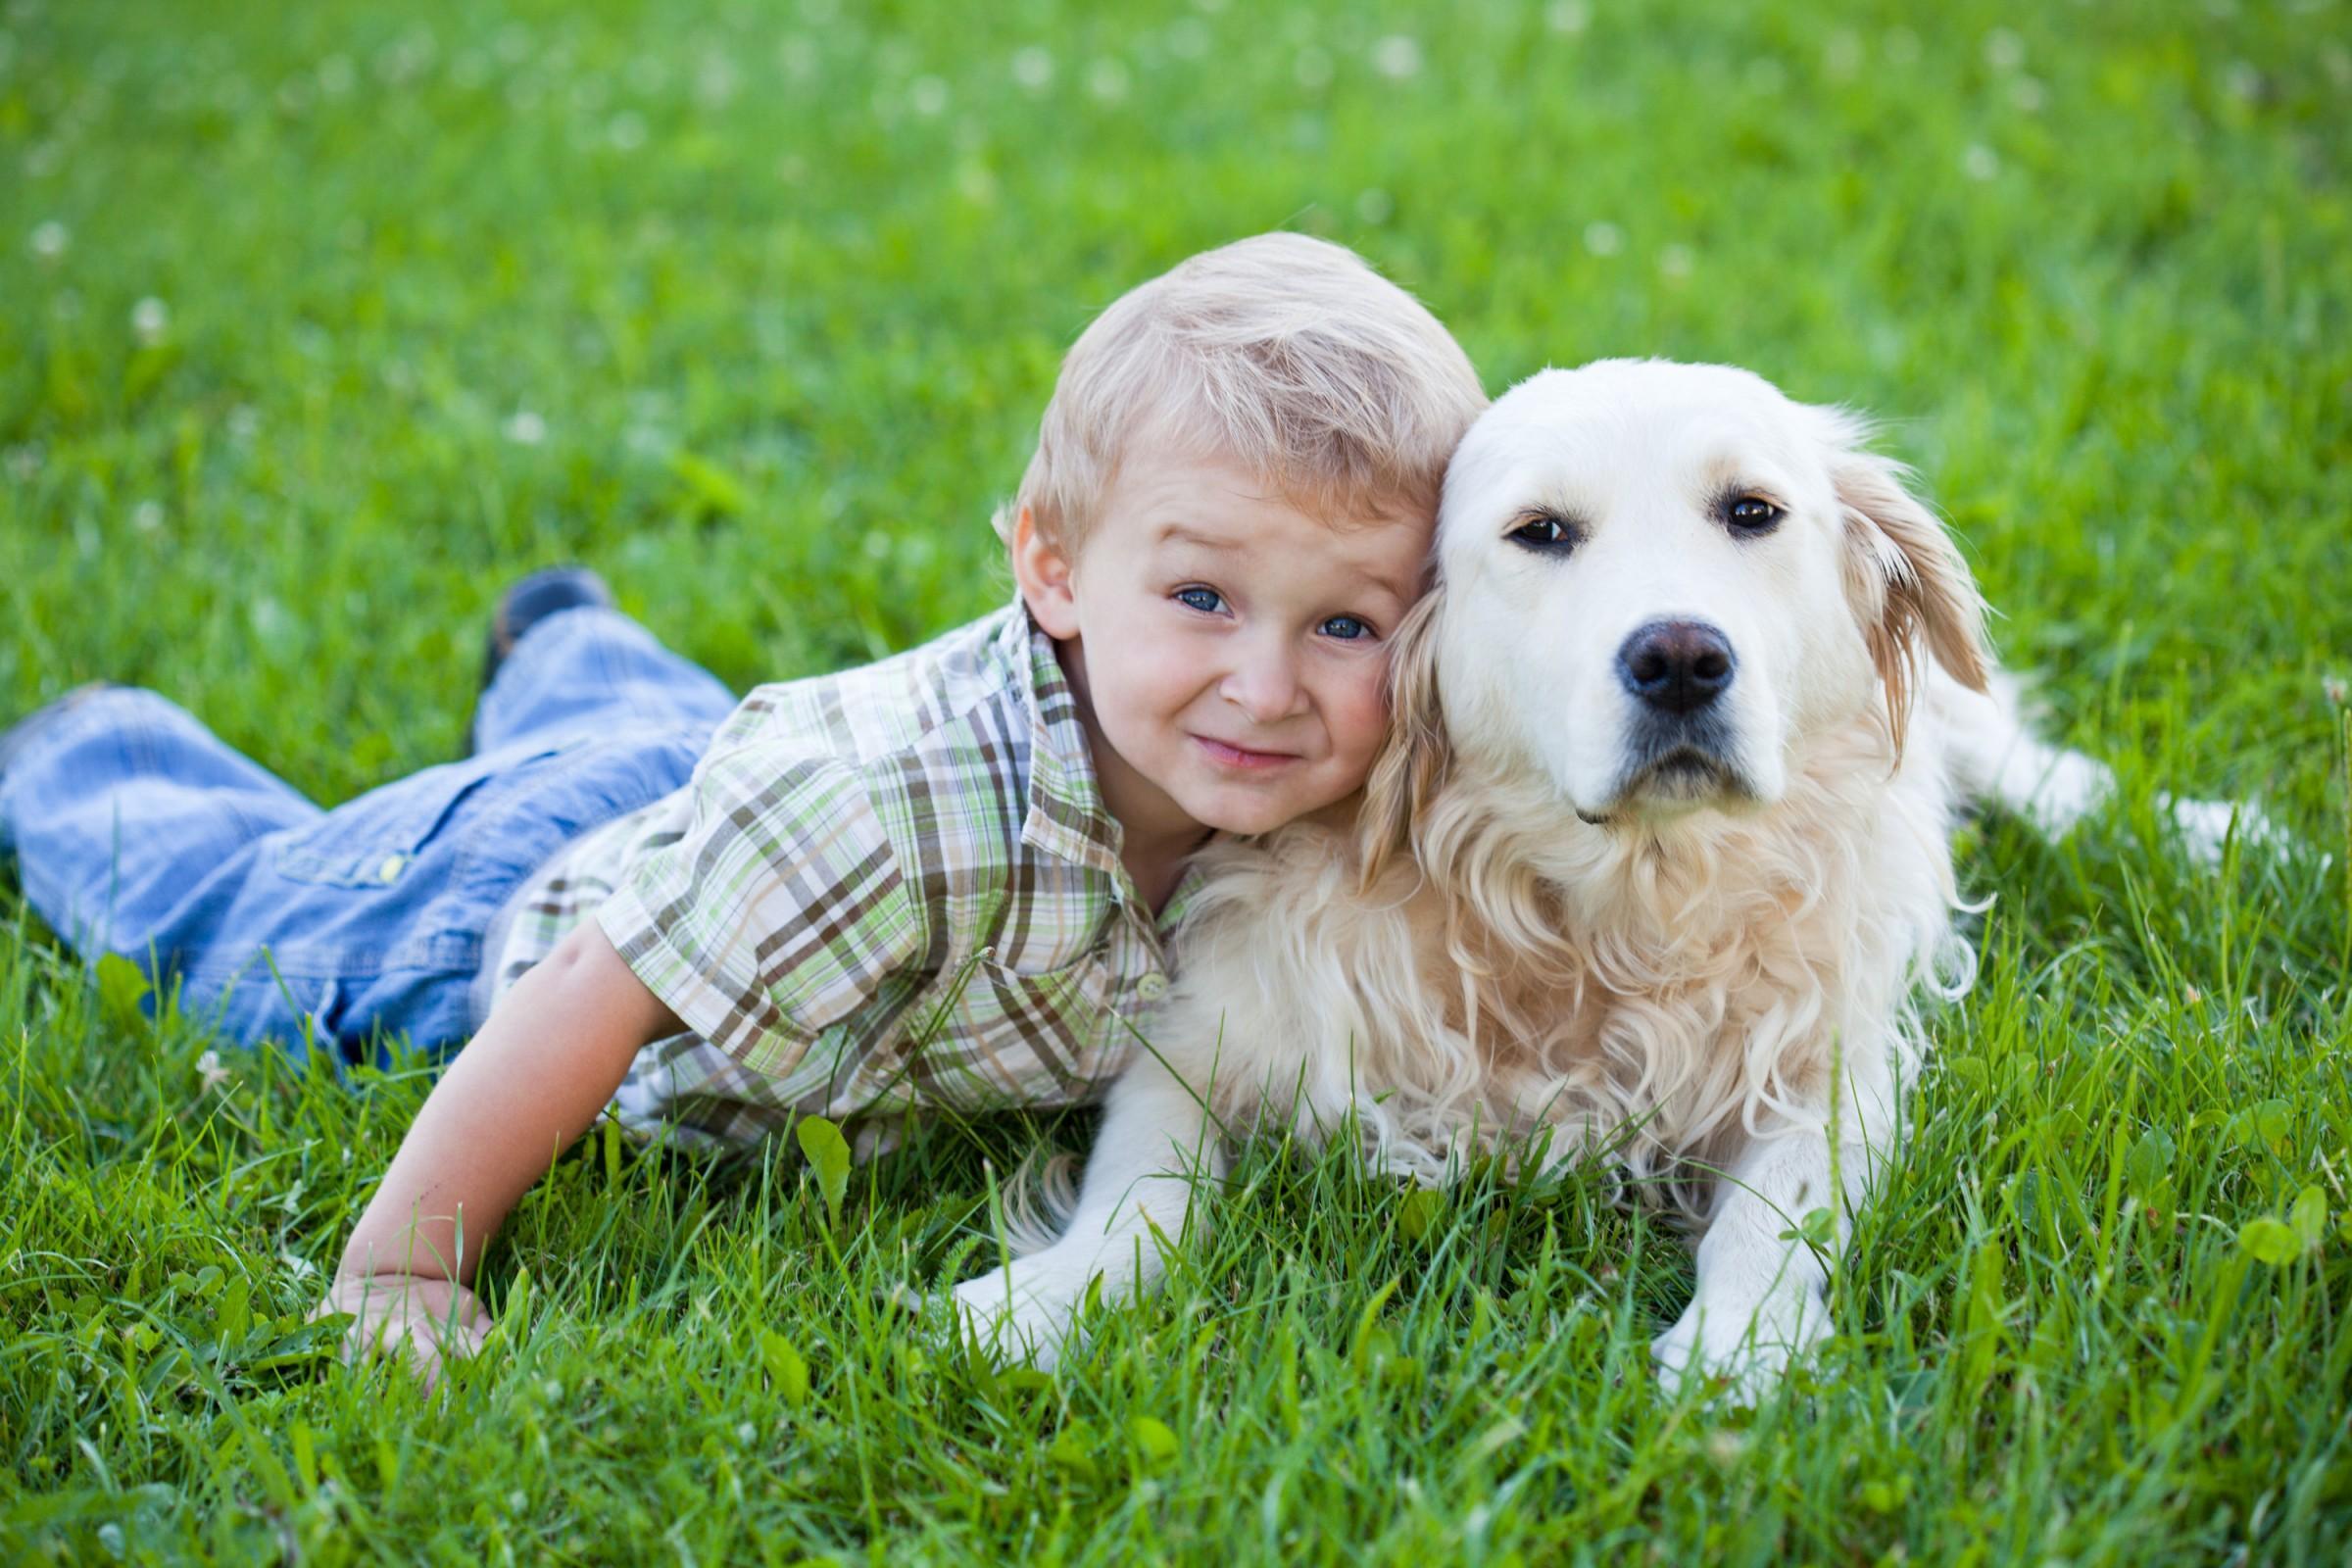 Kutyatartas-kisgyerek-mellett